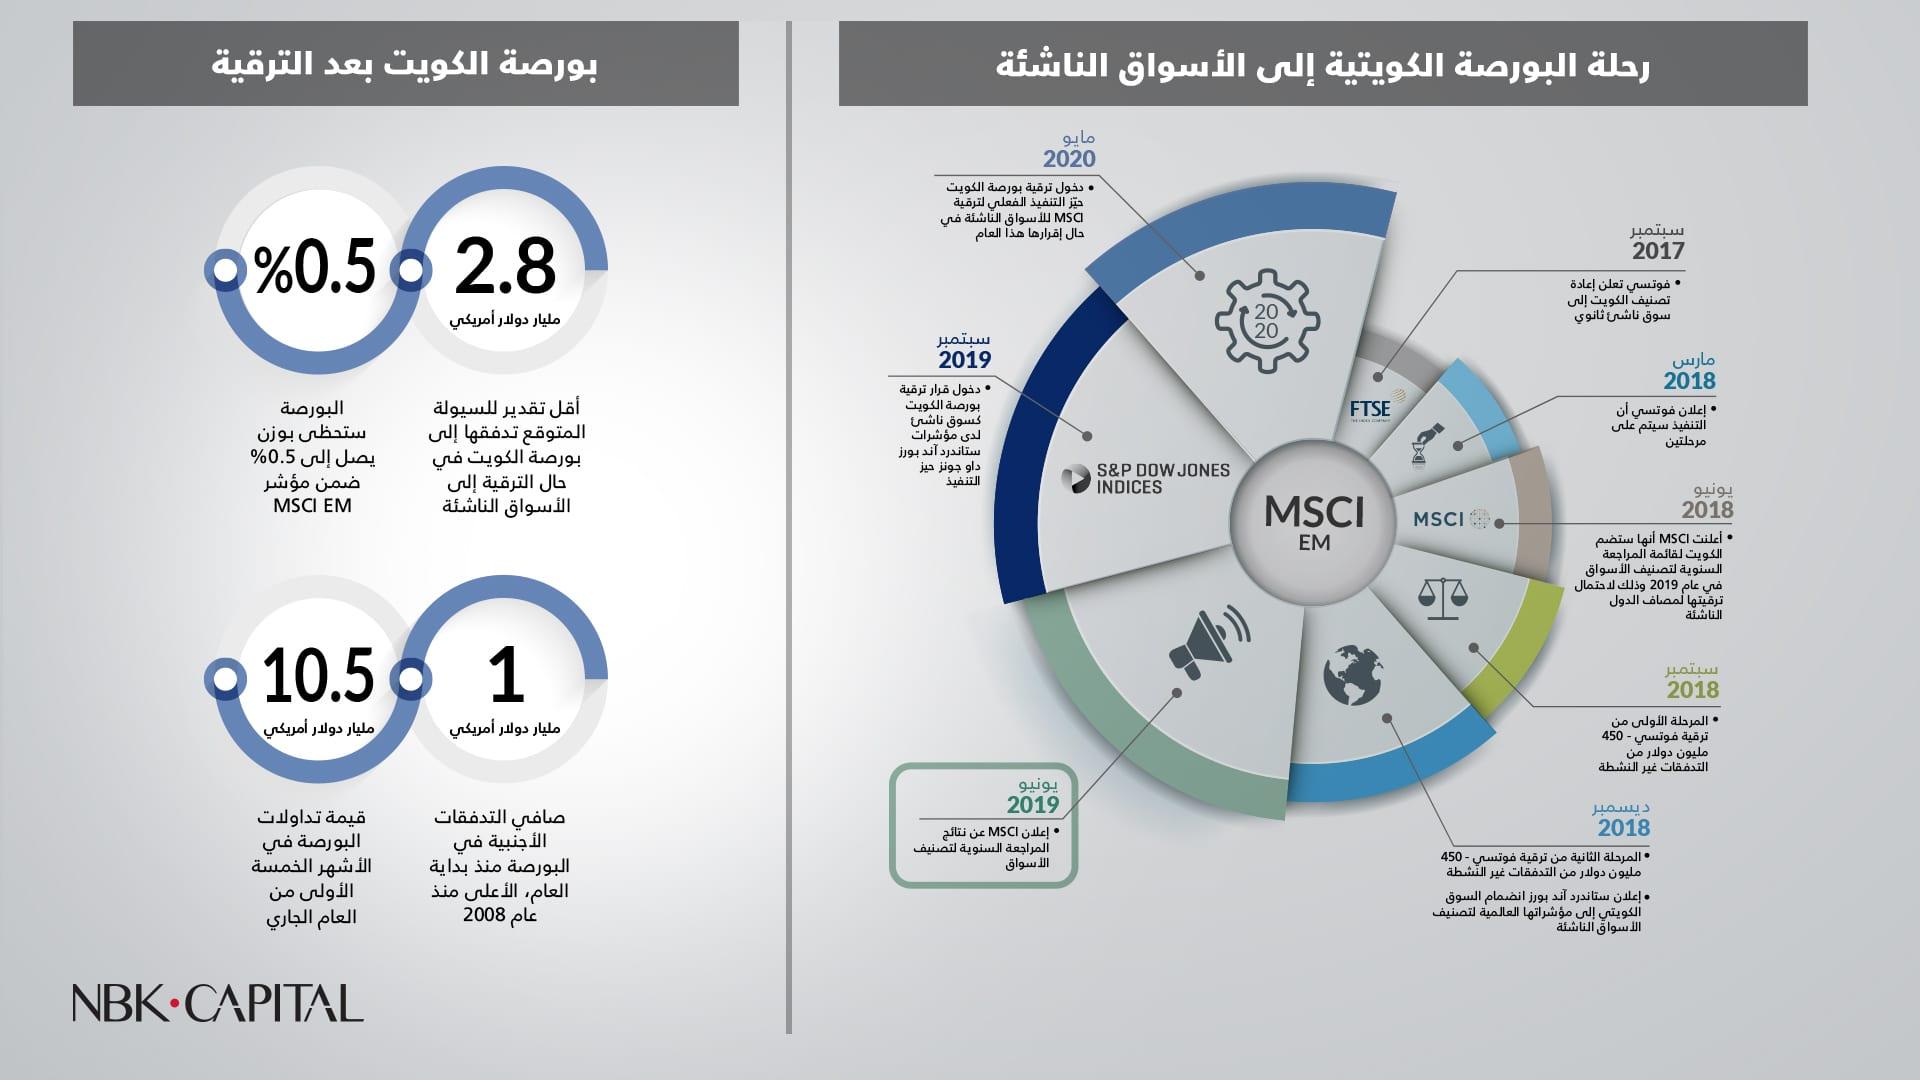 """""""الوطني للاستثمار"""": أكثر من 2.8 مليار دولار سيولة متوقع تدفقها إلى بورصة الكويت في حال الترقية إلى الأسواق الناشئة"""